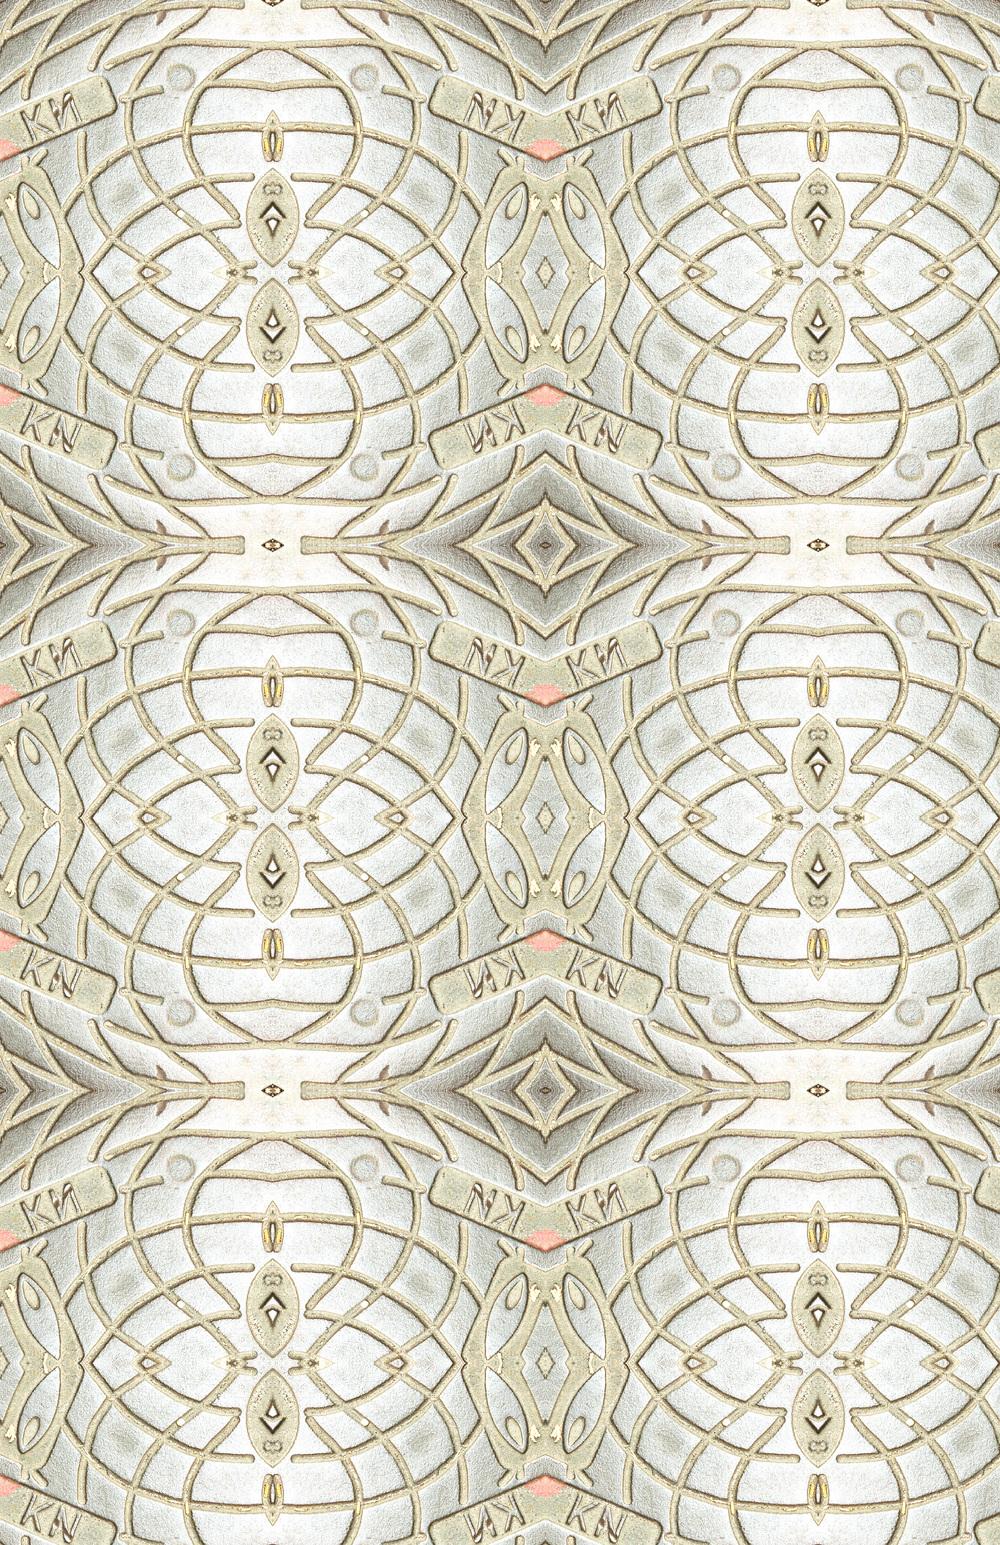 Manhole Cover II - Gold